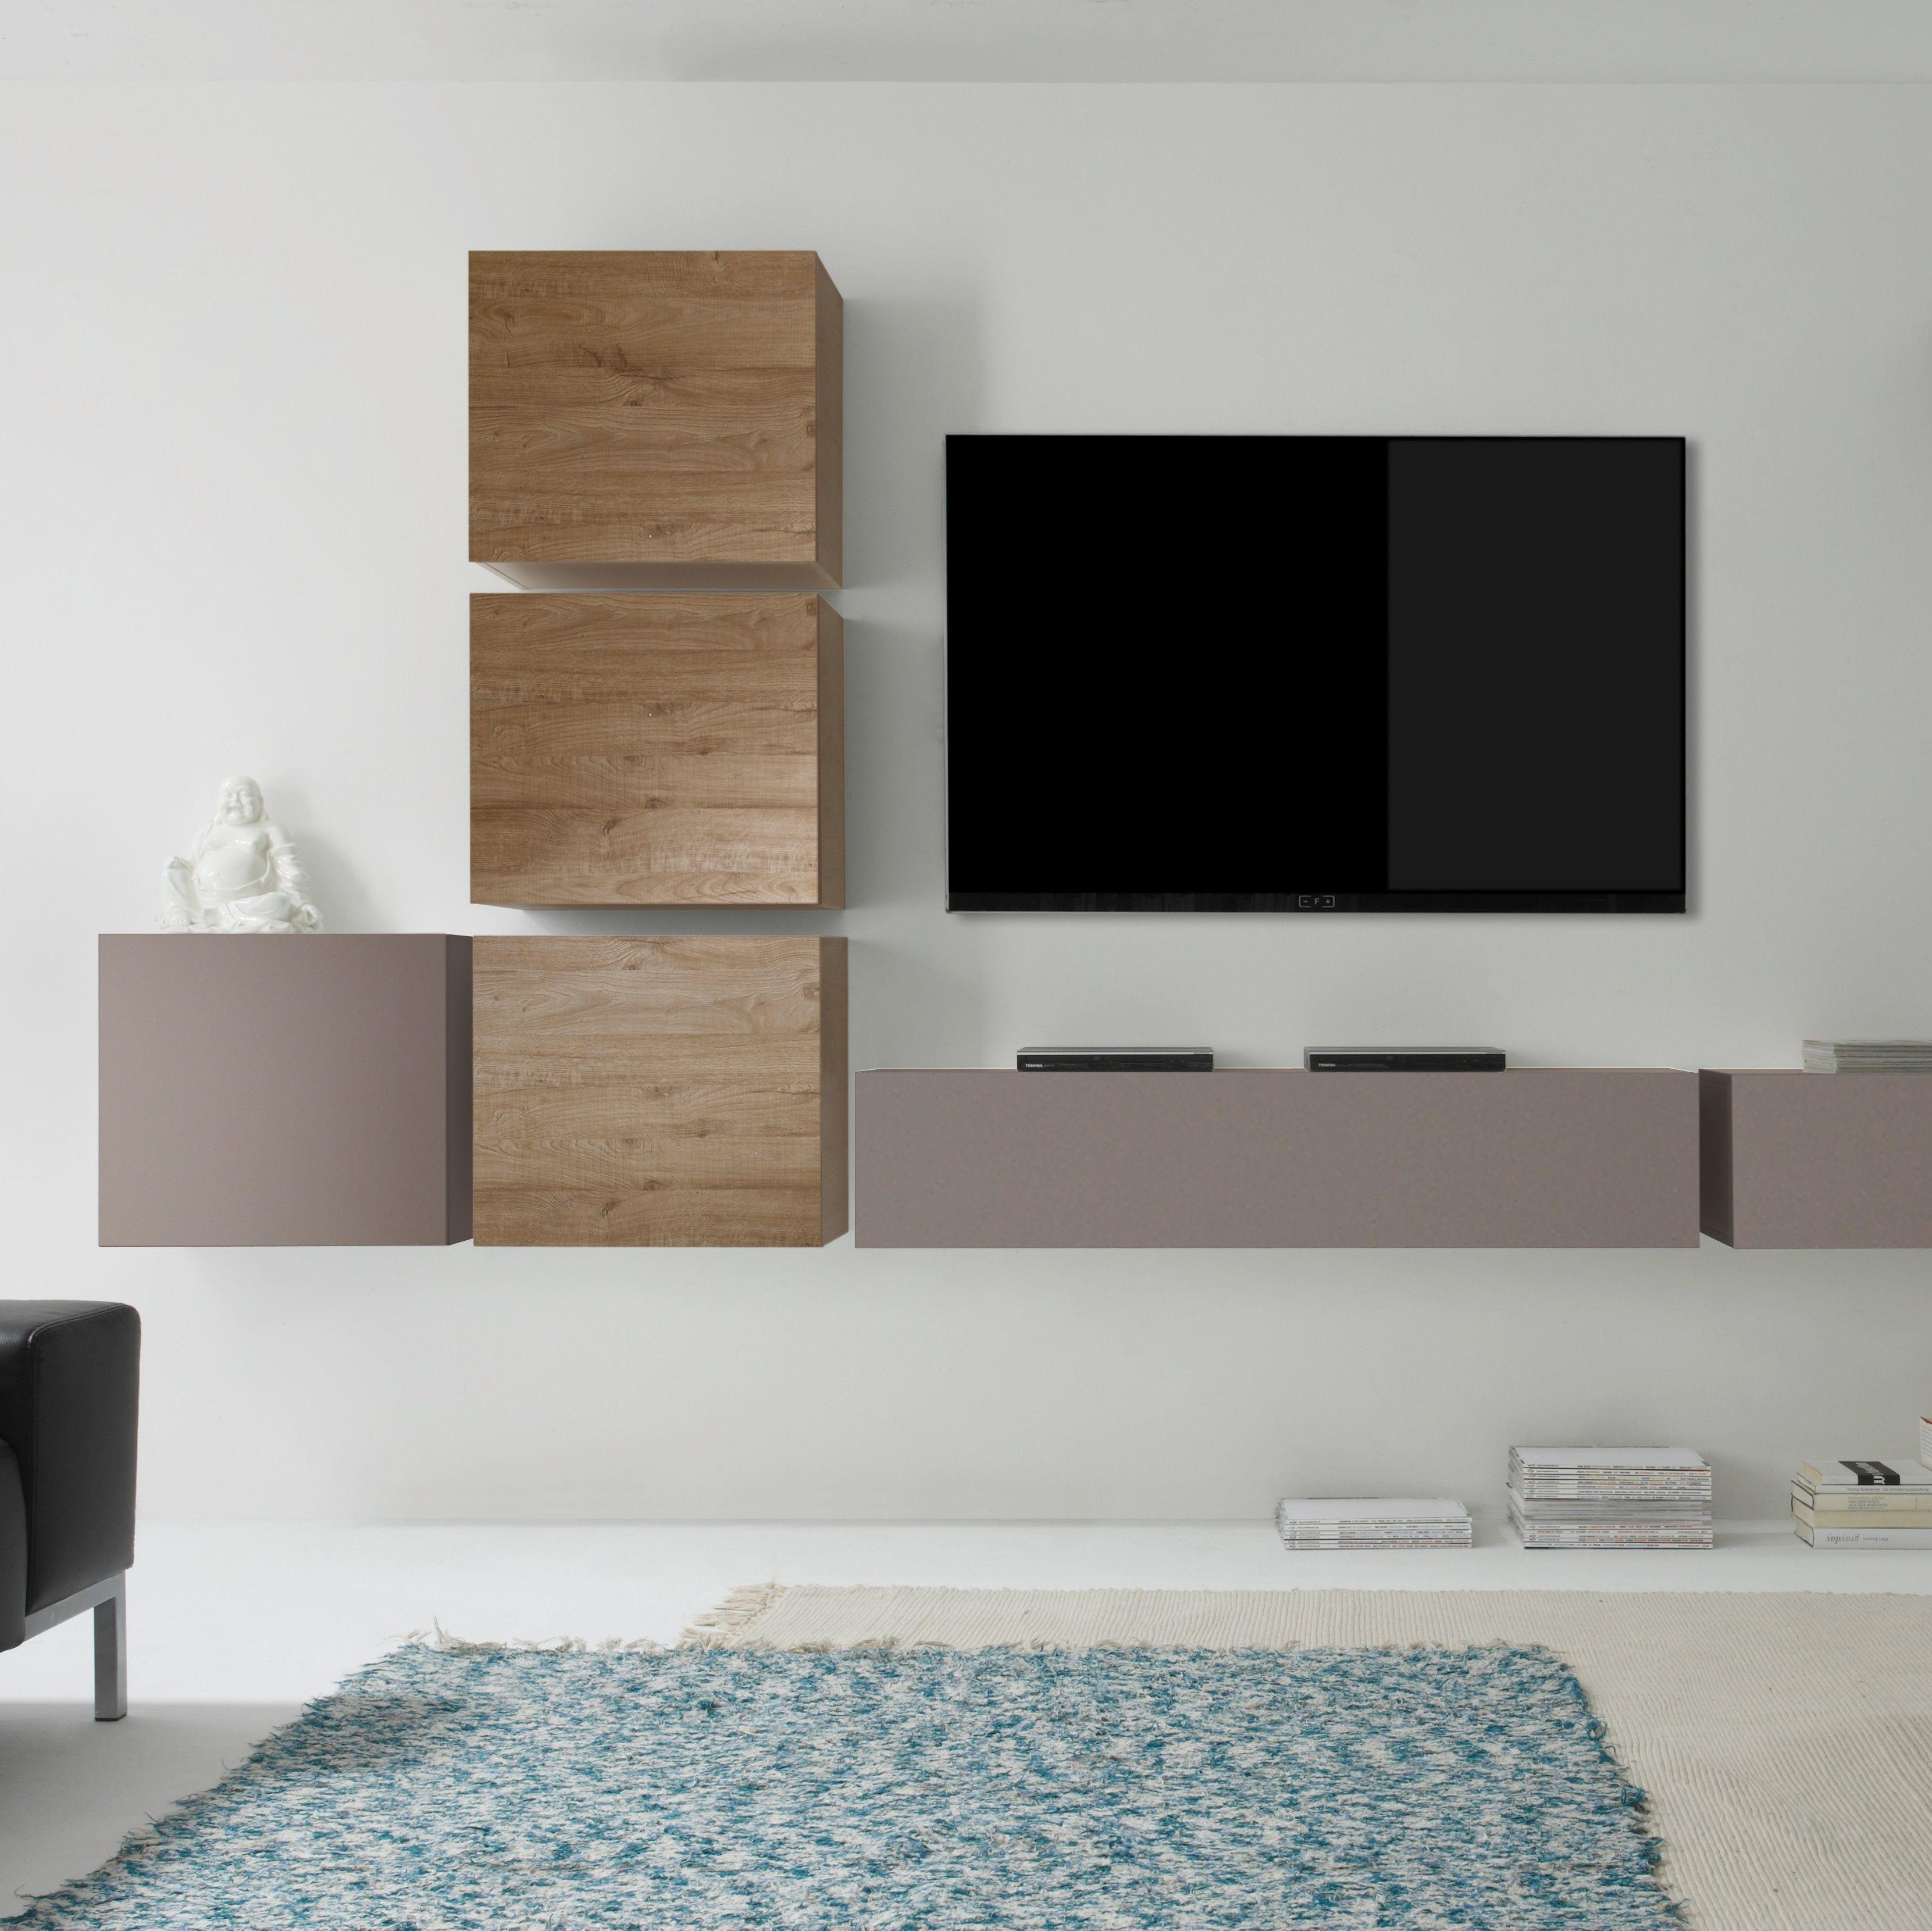 Wohnwand Como Vii Wohnaura Mobel Design Einrichten Idee Inneneinrichtung Interior Interiordesig Wohnzimmermobel Modern Skandinavische Wohnraume Wohnen